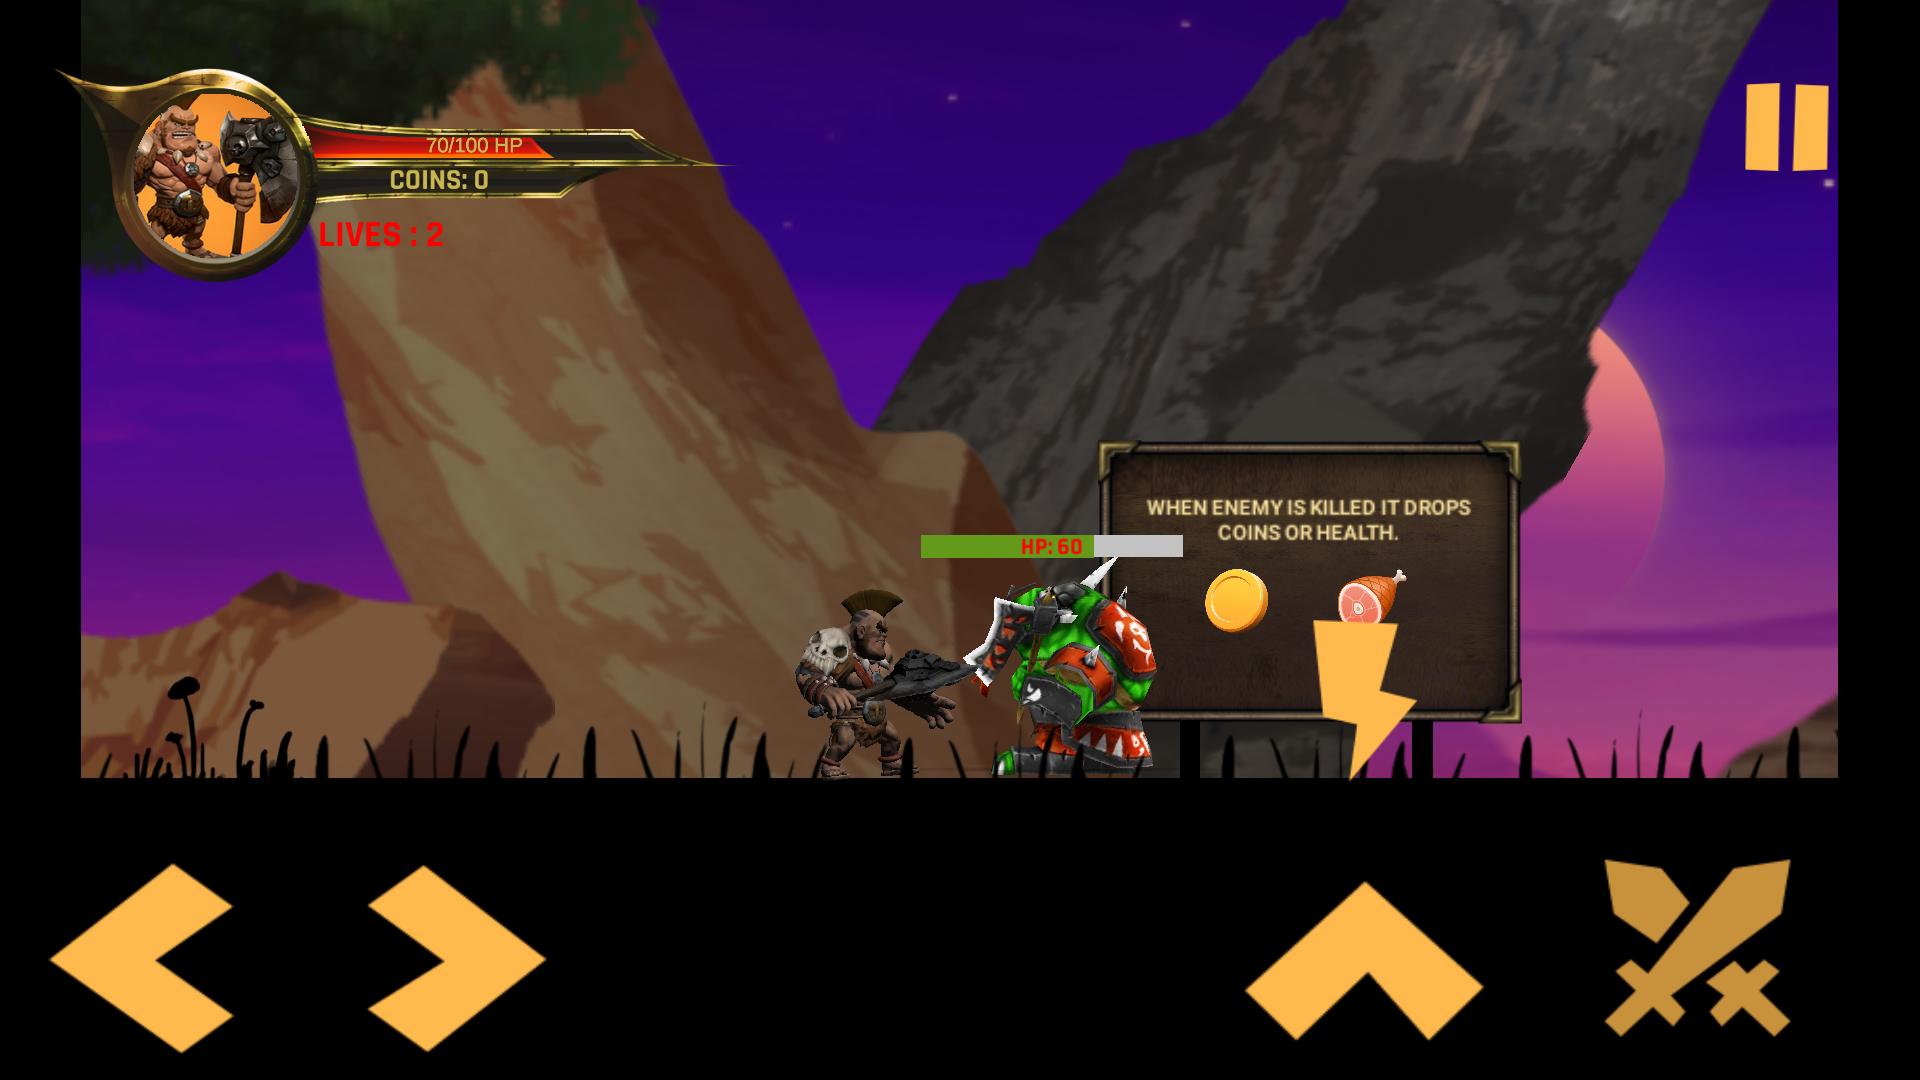 【Android】野蛮人战争中文修改版v1.2.4 游戏相关 第2张